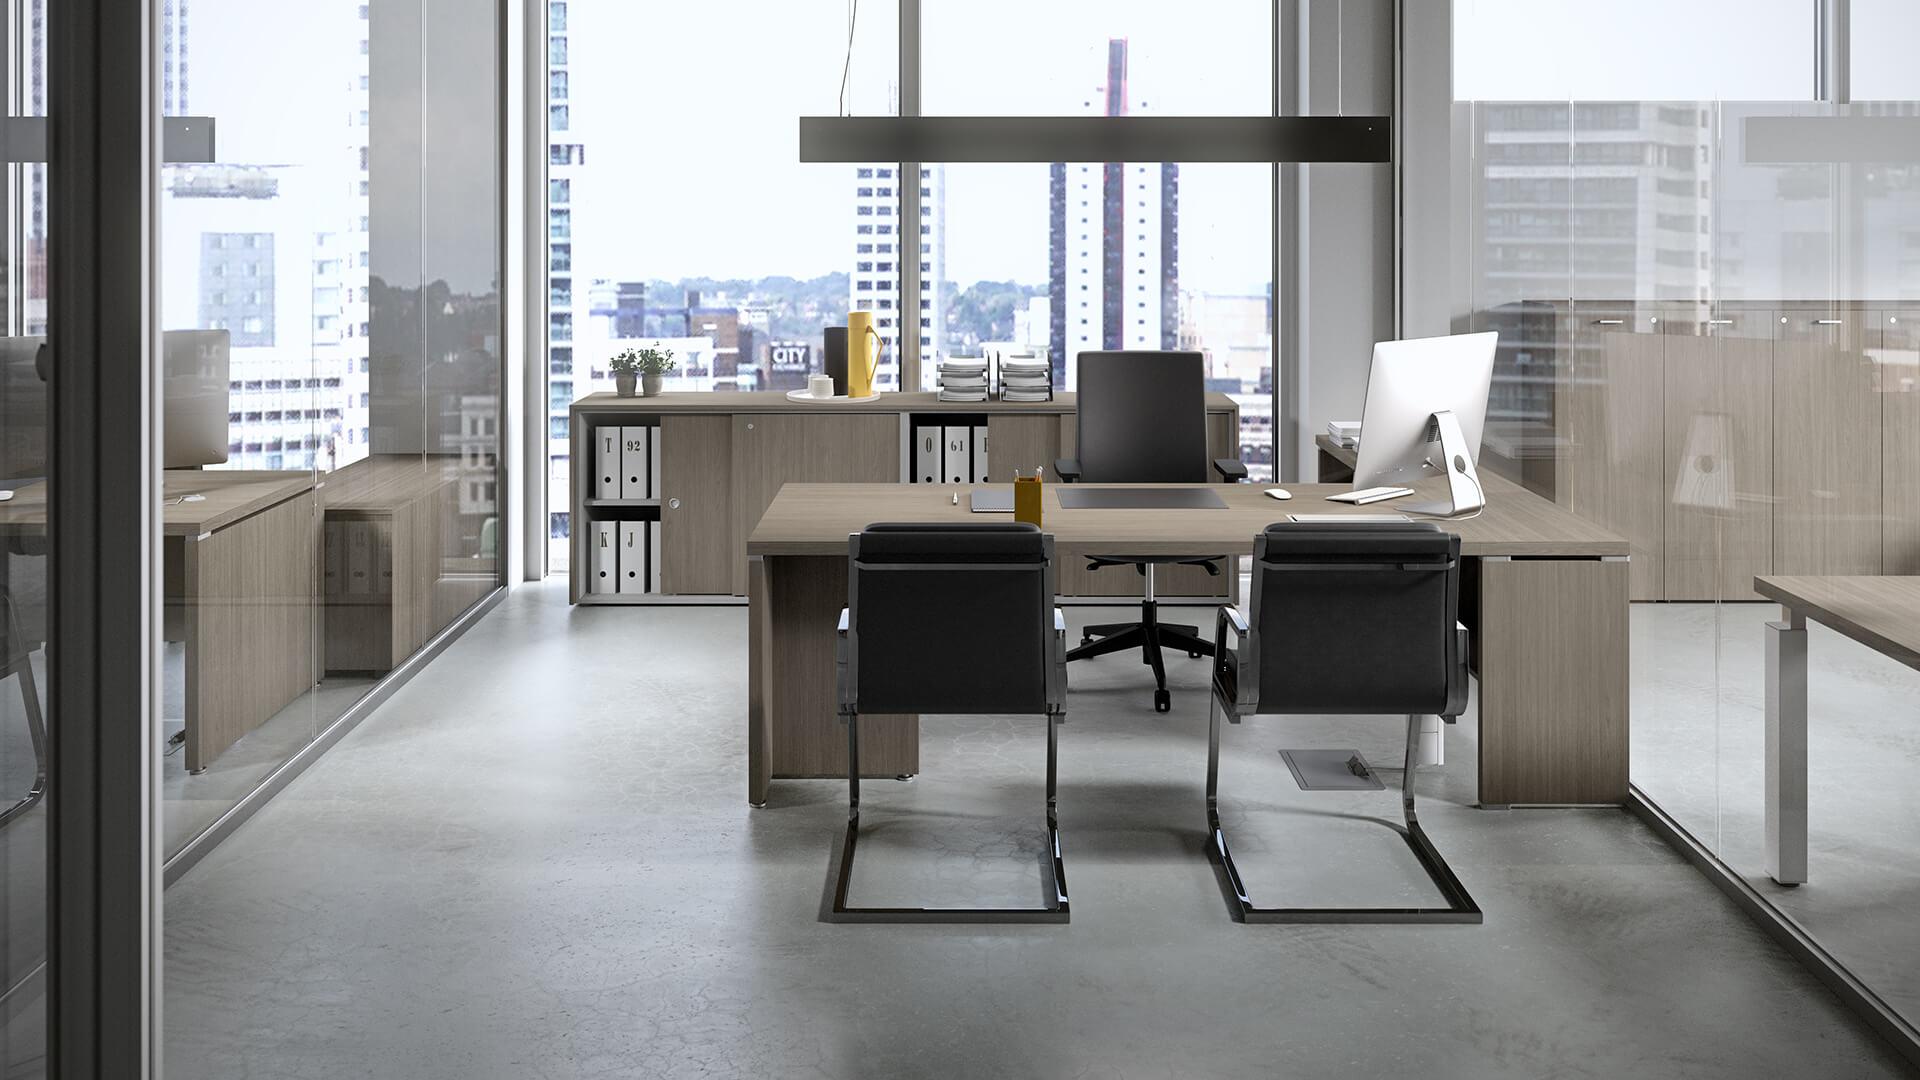 Ufficio Elegante Vita : Arredi per uffici castelfiorentino tanini marcello